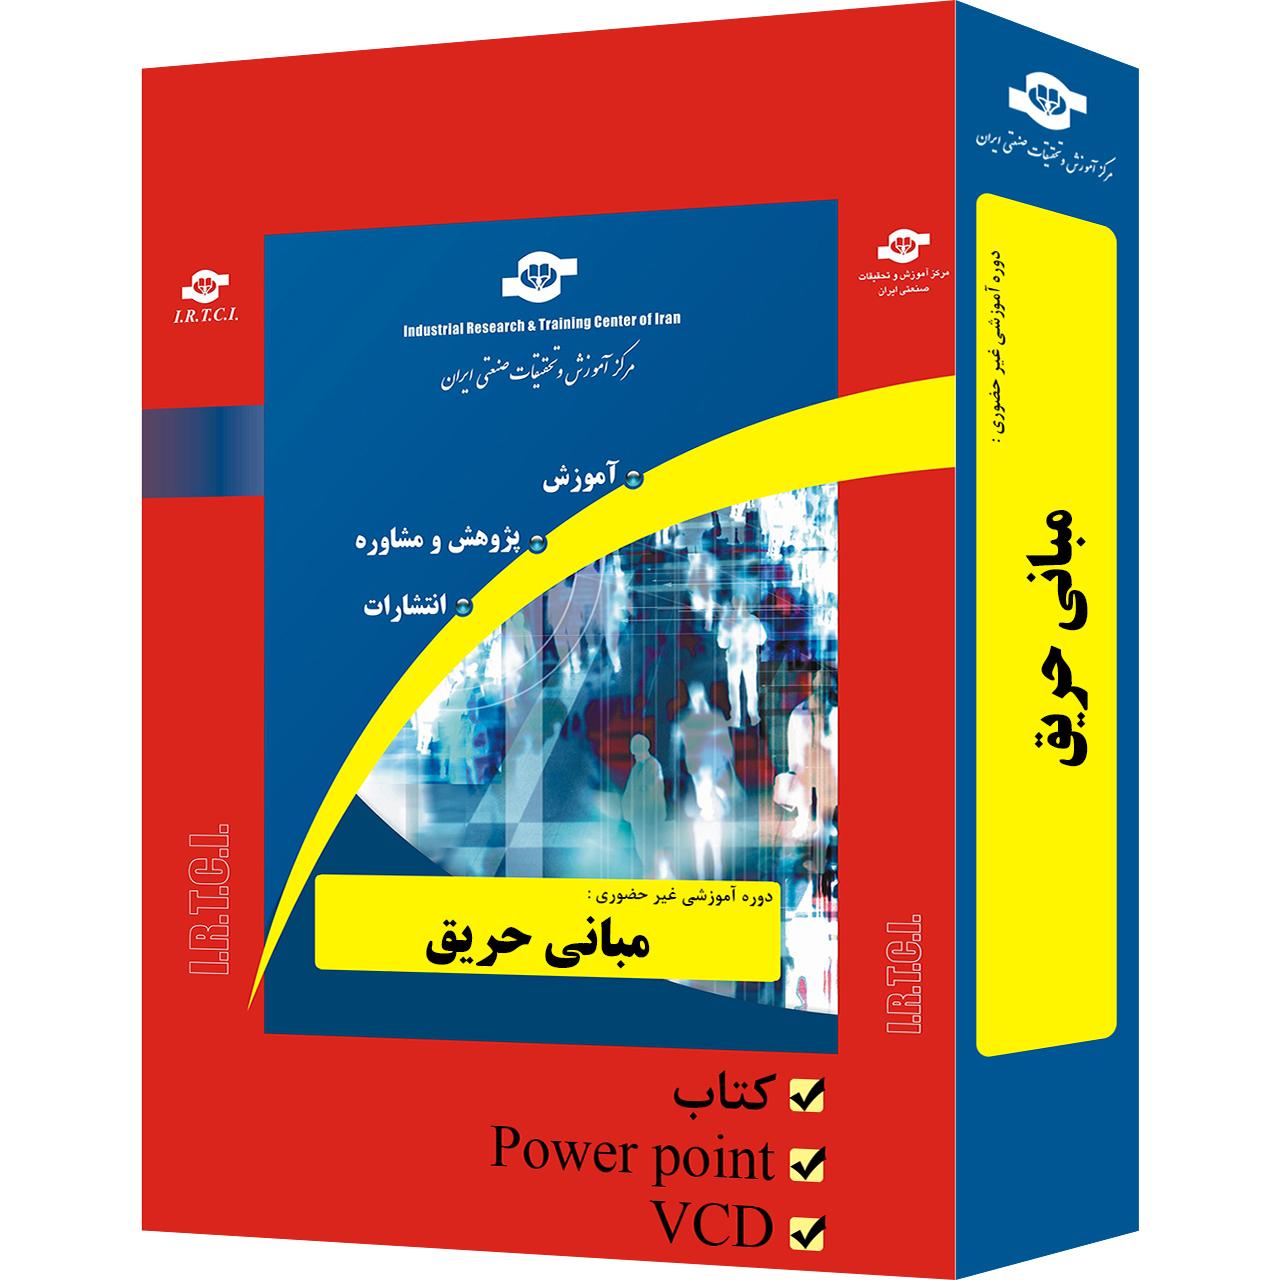 بسته آموزشی غیر حضوری مبانی حریق  تدوین مرکز آموزش و تحقیقات صنعتی ایران